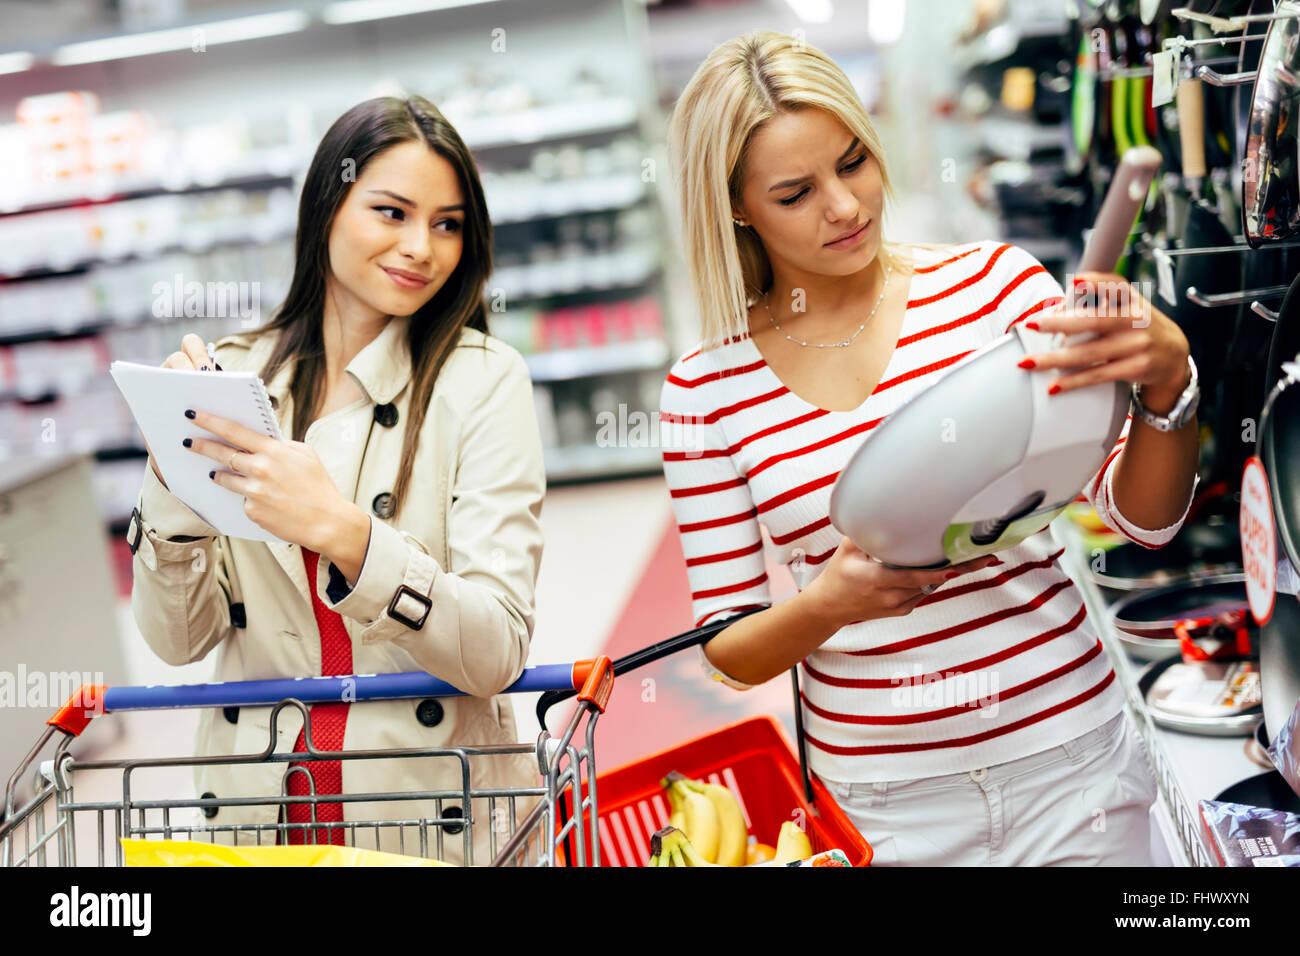 Les femmes shopping cuisine in supermarket Photo Stock